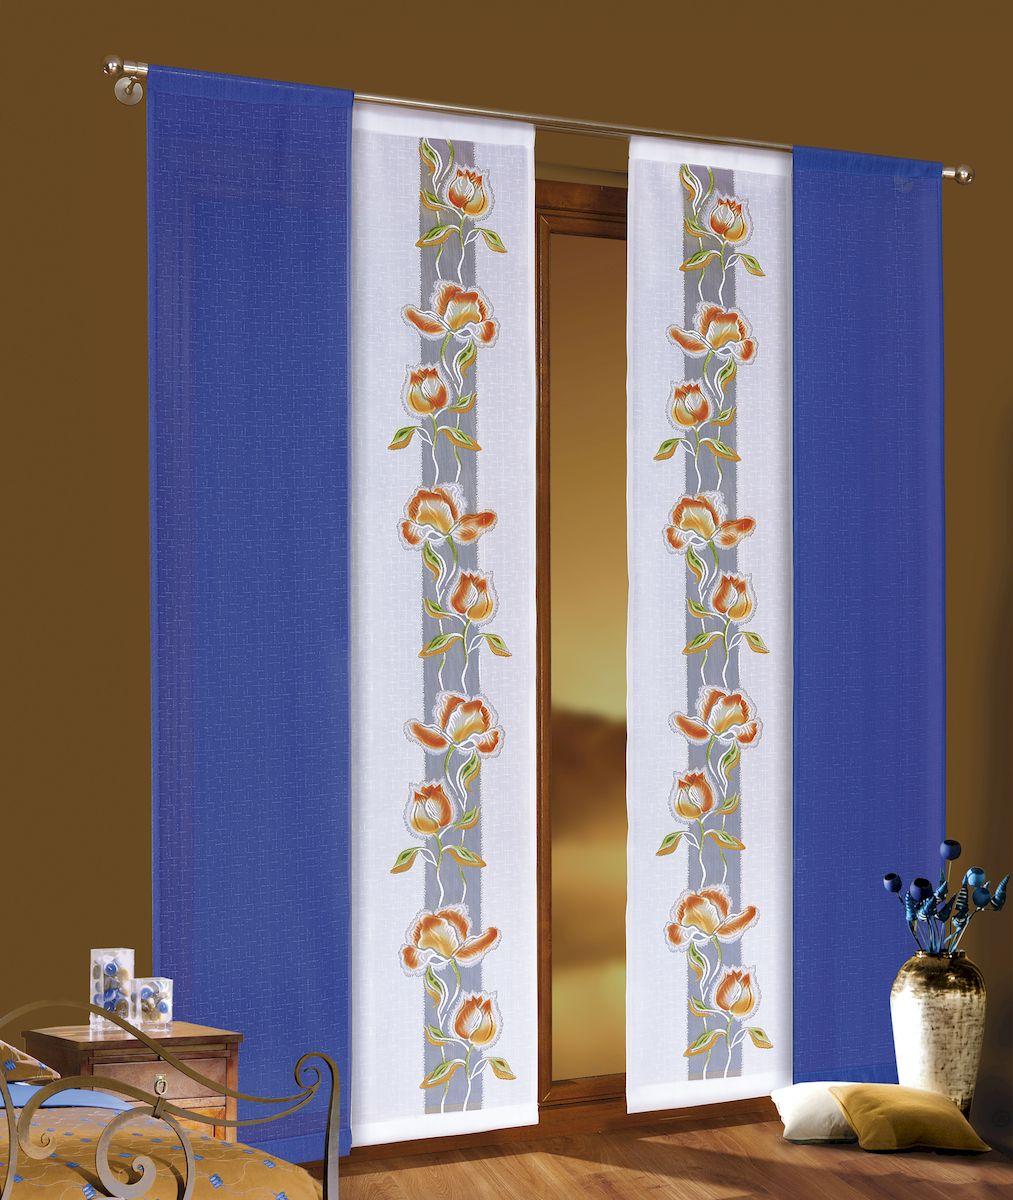 Комплект гардин-панно Wisan, цвет: синий, оранжевый, высота 220 см. 34573457Комплект гардин, крепление на штангу. 4 штРазмер: ширина 49 x высота 220 x 4